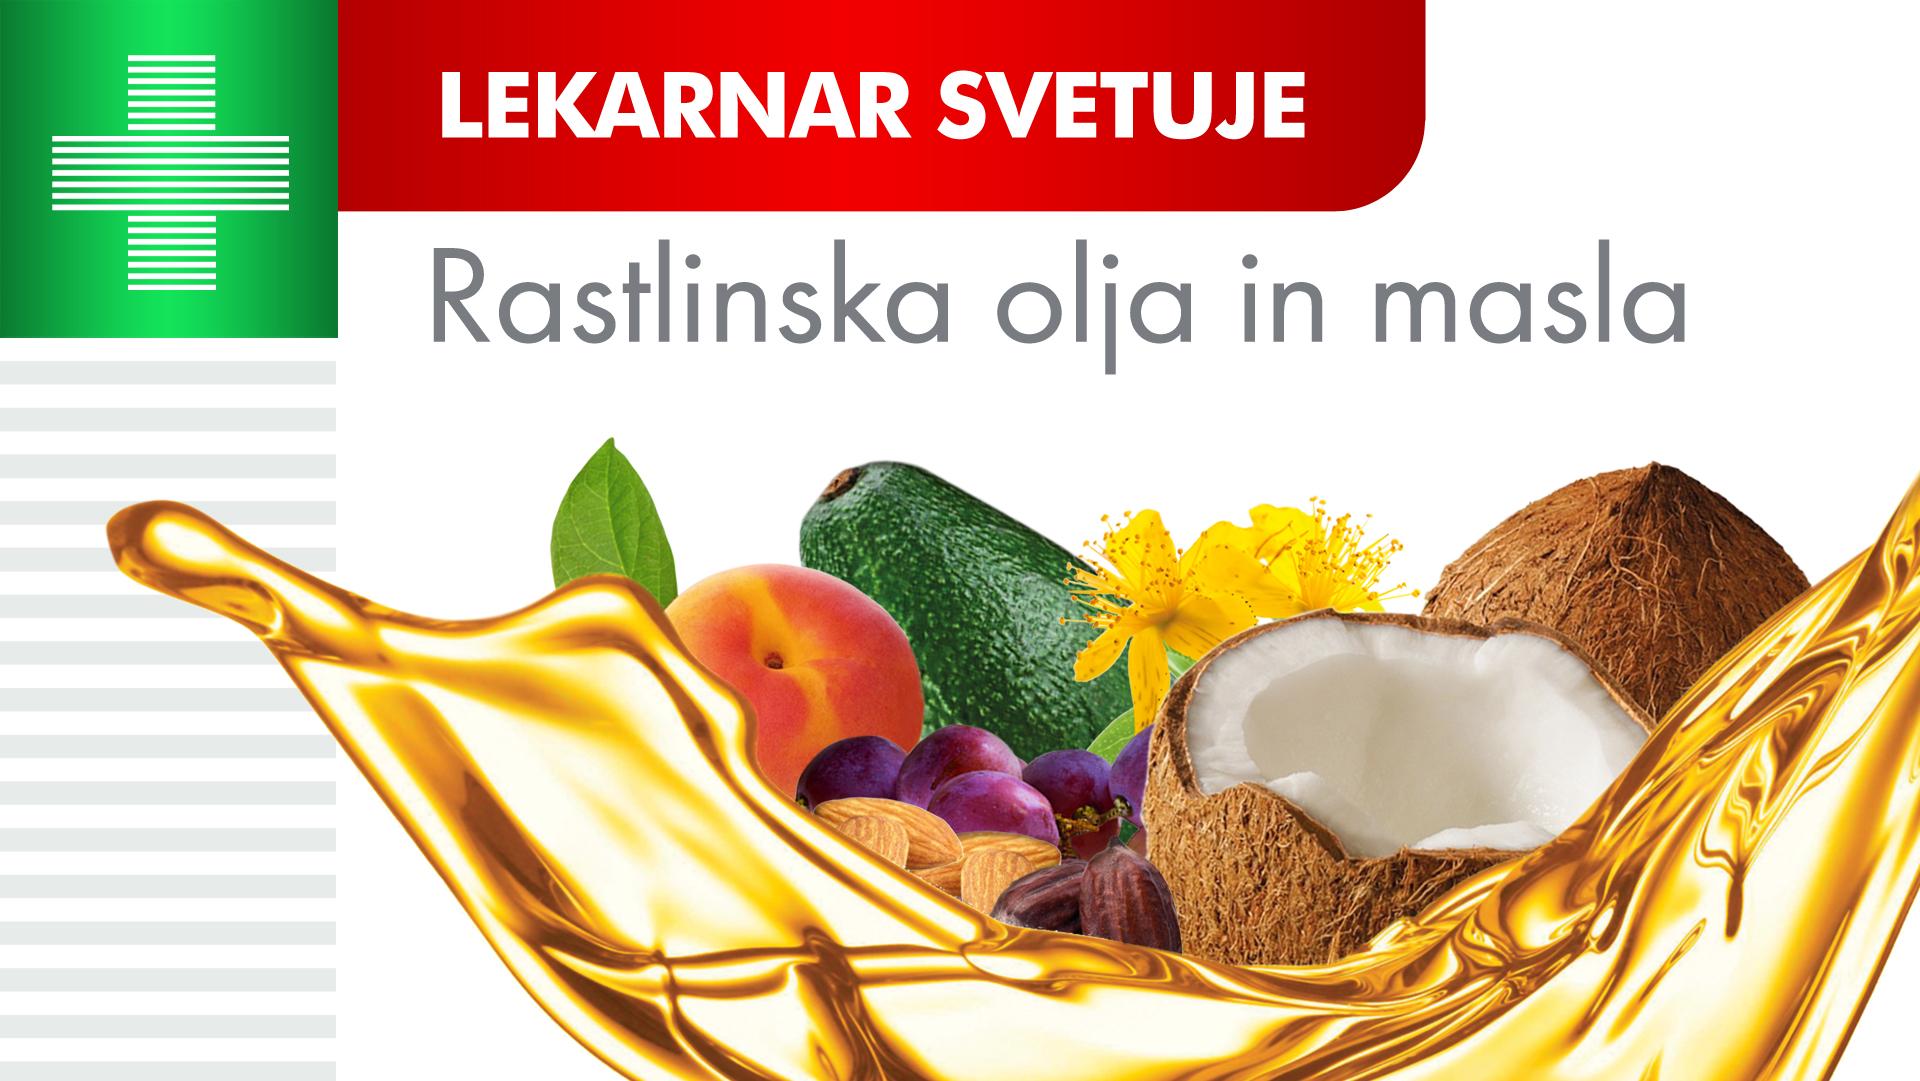 Rastlinska olja in masla